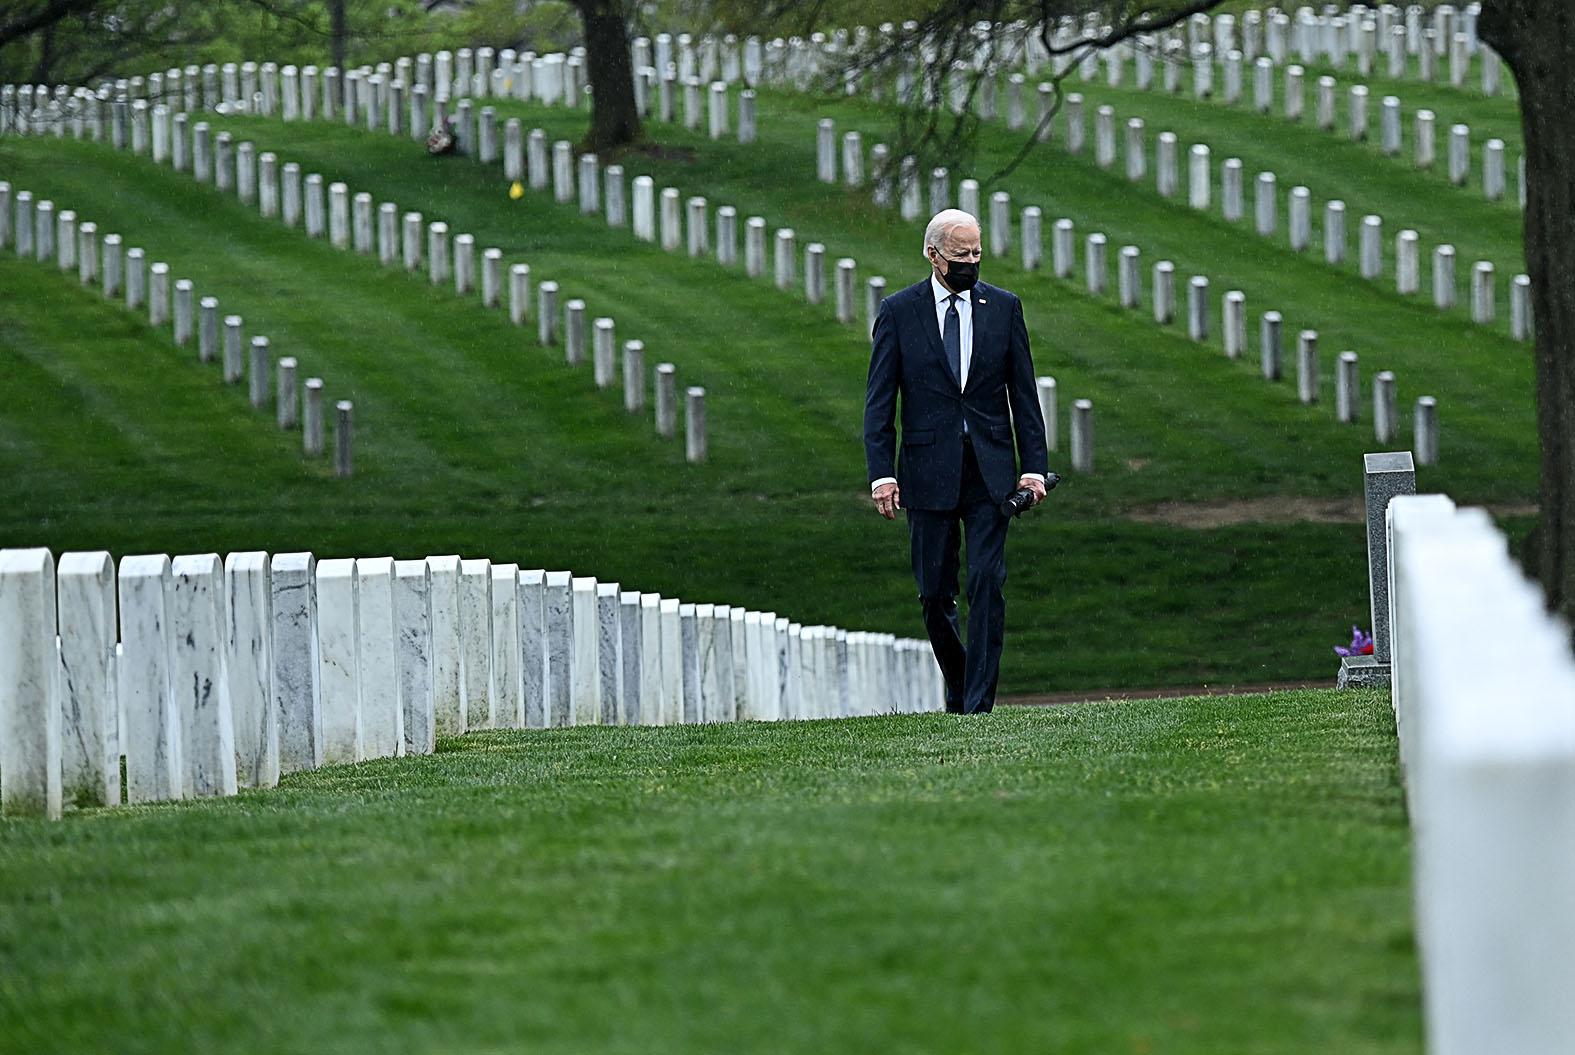 Joe Biden amerikai elnök látogatása az arlingtoni katonai temetőben, hogy tiszteletét tegye az Afganisztánban elesett amerikai katonákat 2021. április 14-én #moszkvater